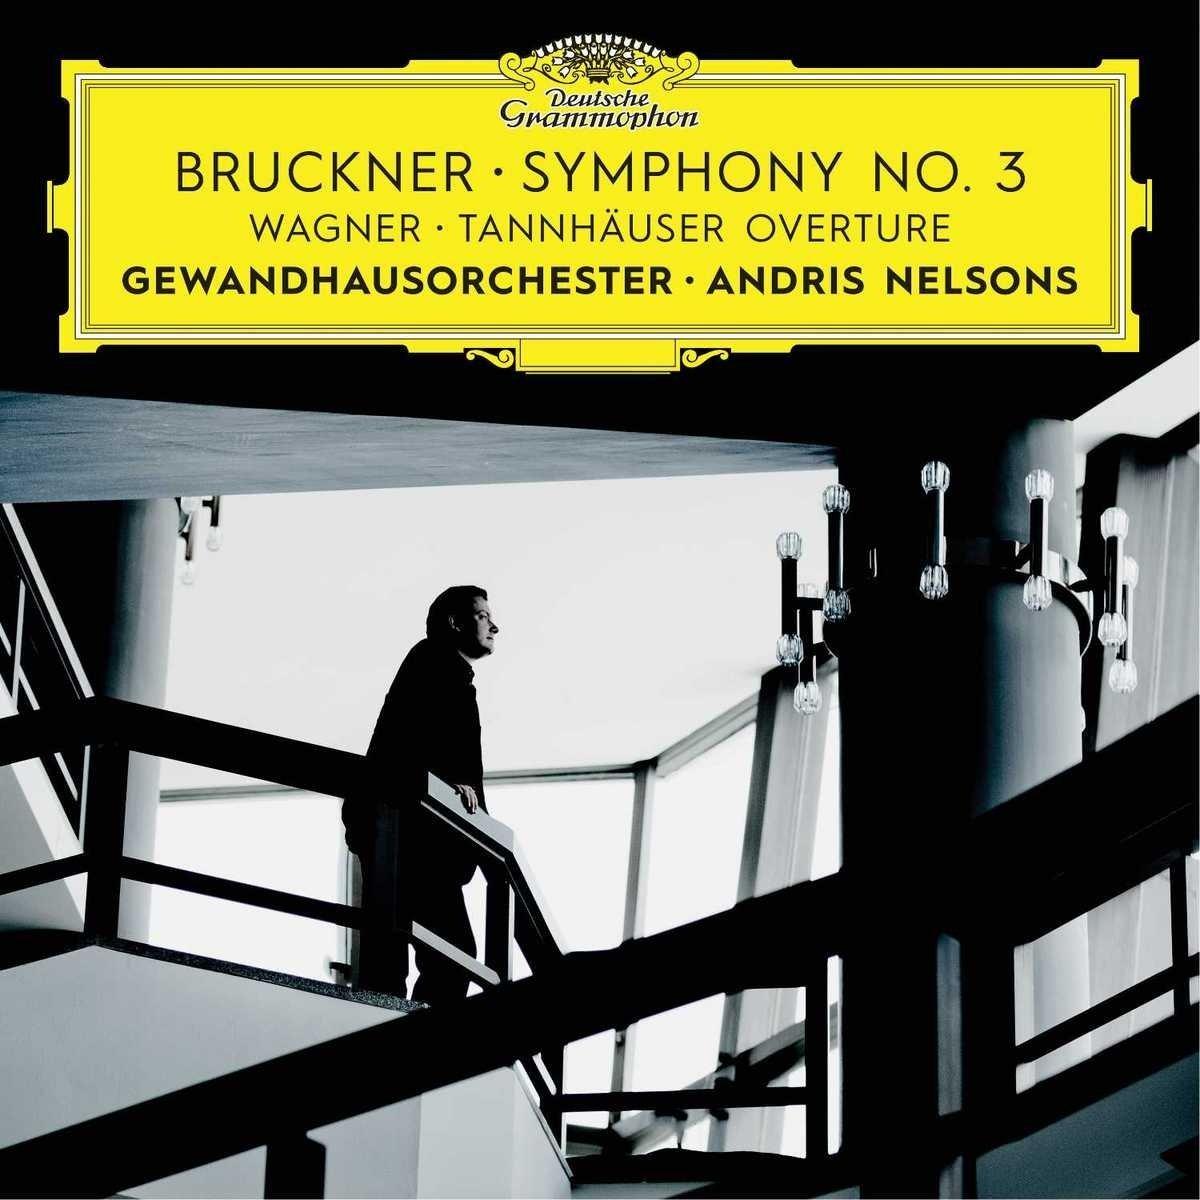 Bruckner Symphony No 3 Leipzig Gewandhaus Orchestr